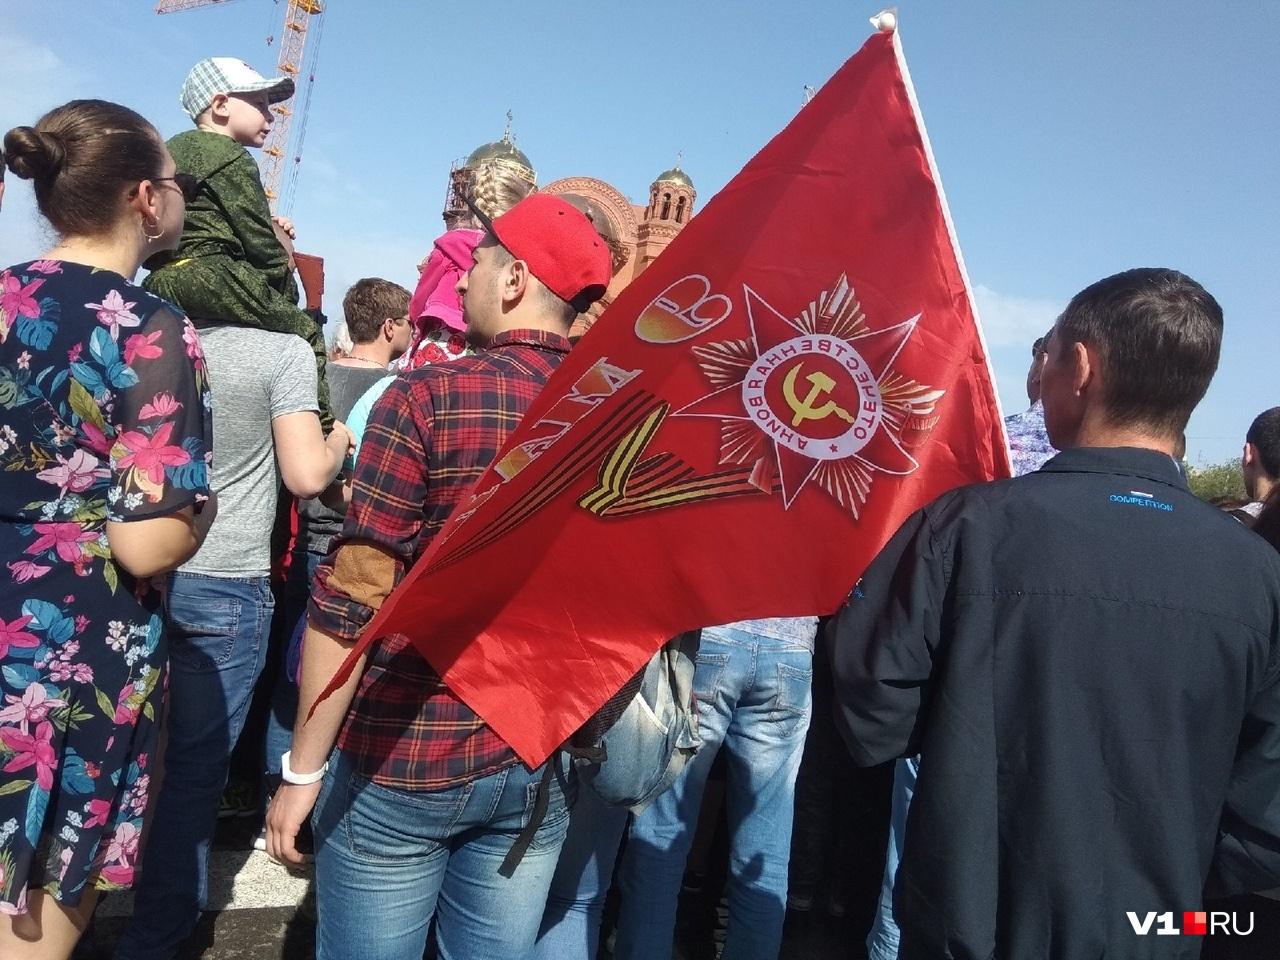 Хотите такой флаг? Готовьте 500 рублей